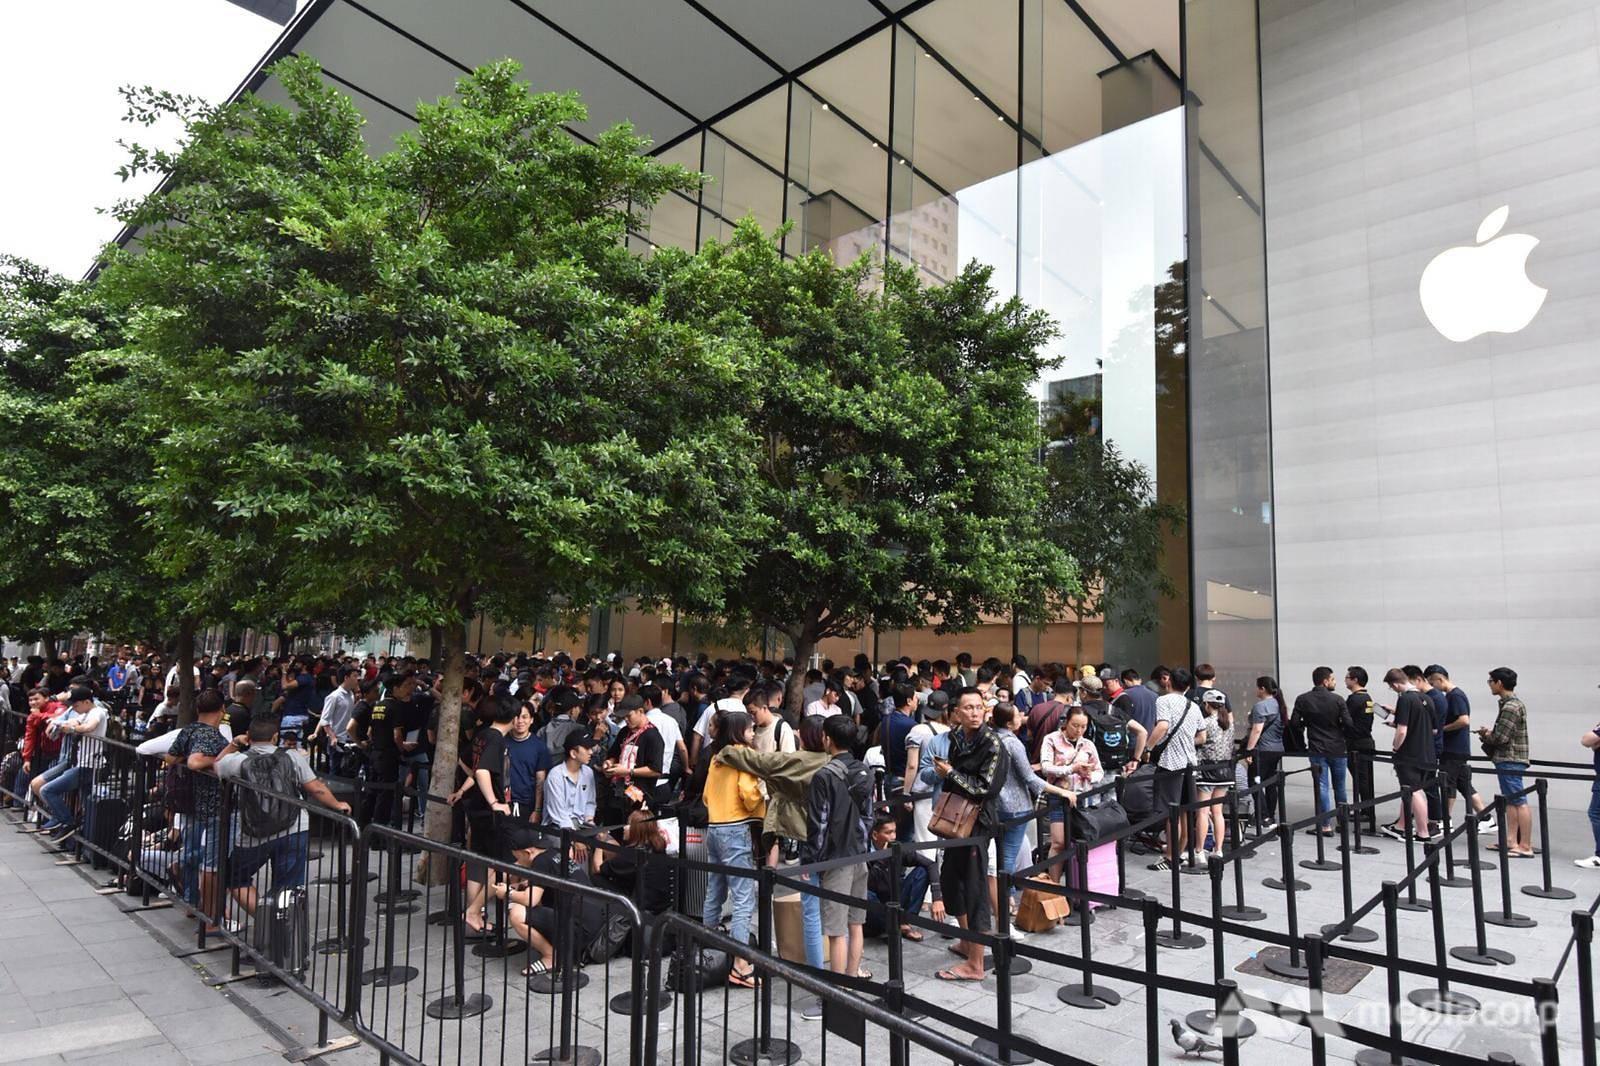 Fanboy Apple từ Việt Nam xếp hàng 24 tiếng để mua iPhone XS lên báo nước ngoài: Mình không thấy mệt tí gì cả! - Ảnh 4.